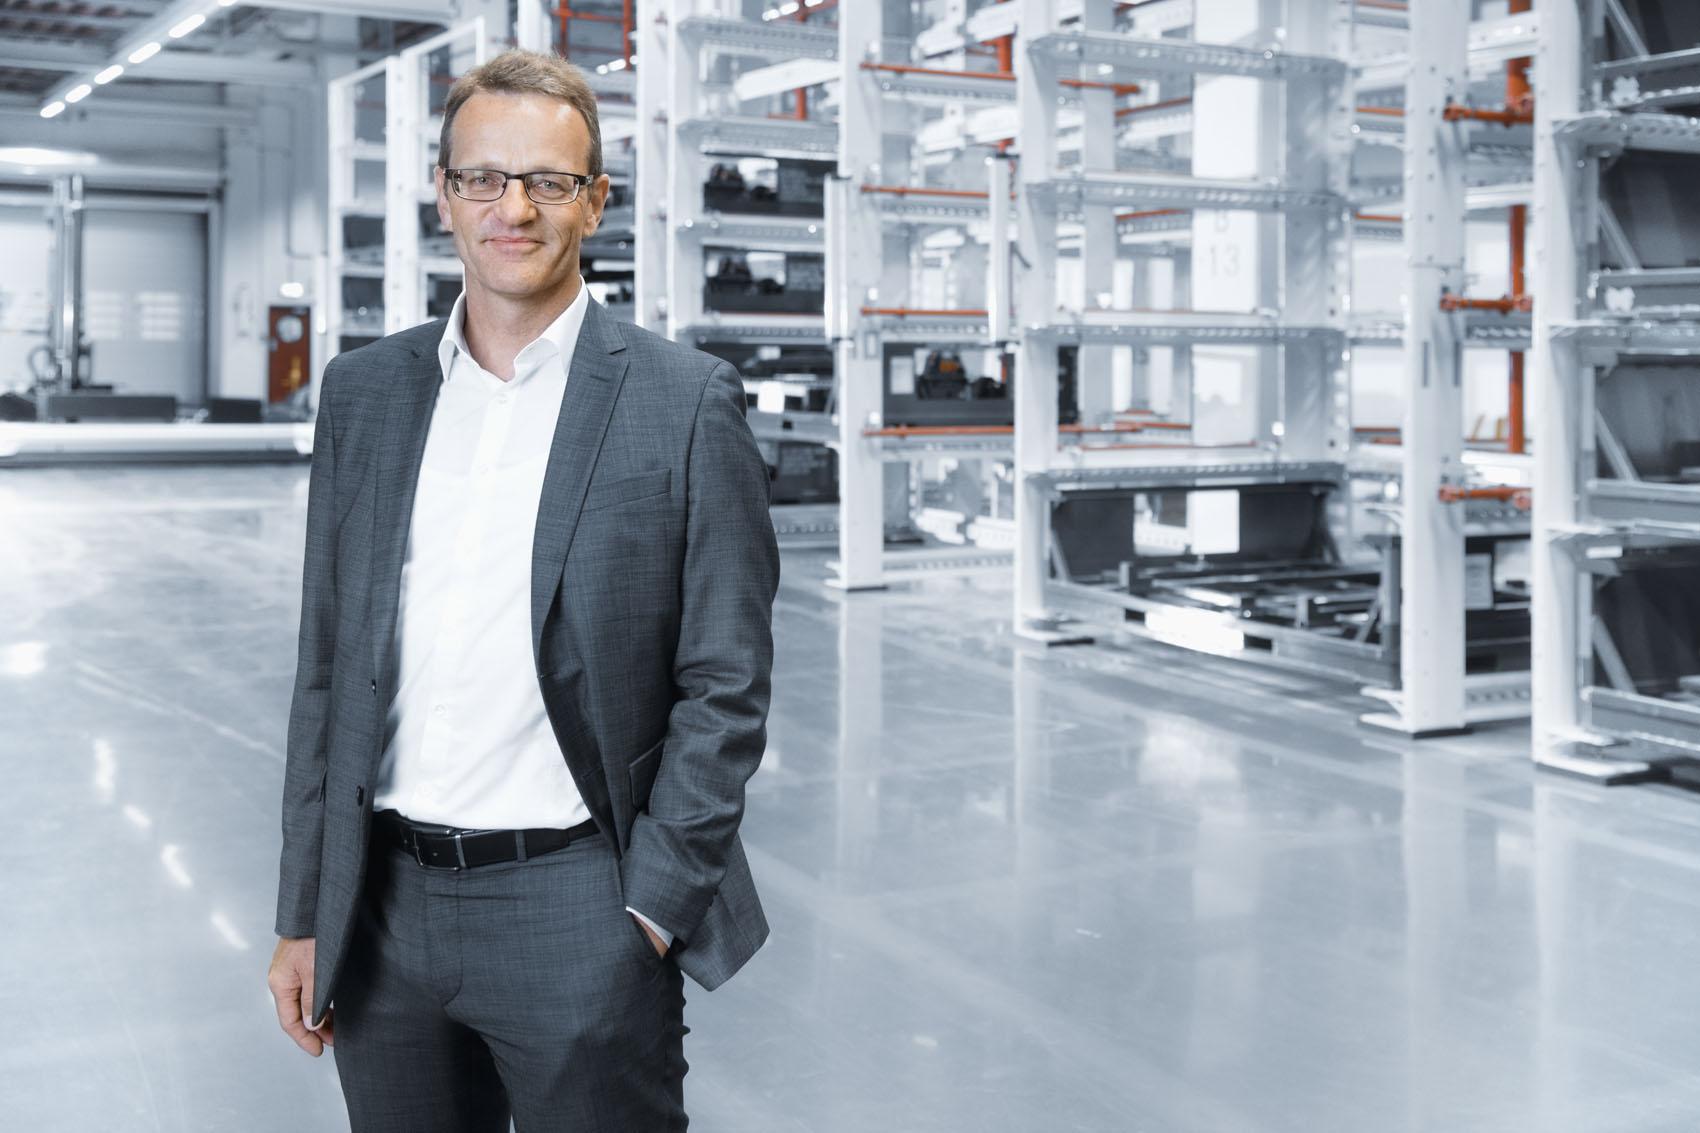 Le chef de projet Bertram Günter et son équipe ont entièrement remanié la production de l'Audi e-tron. (Stefan Warter)